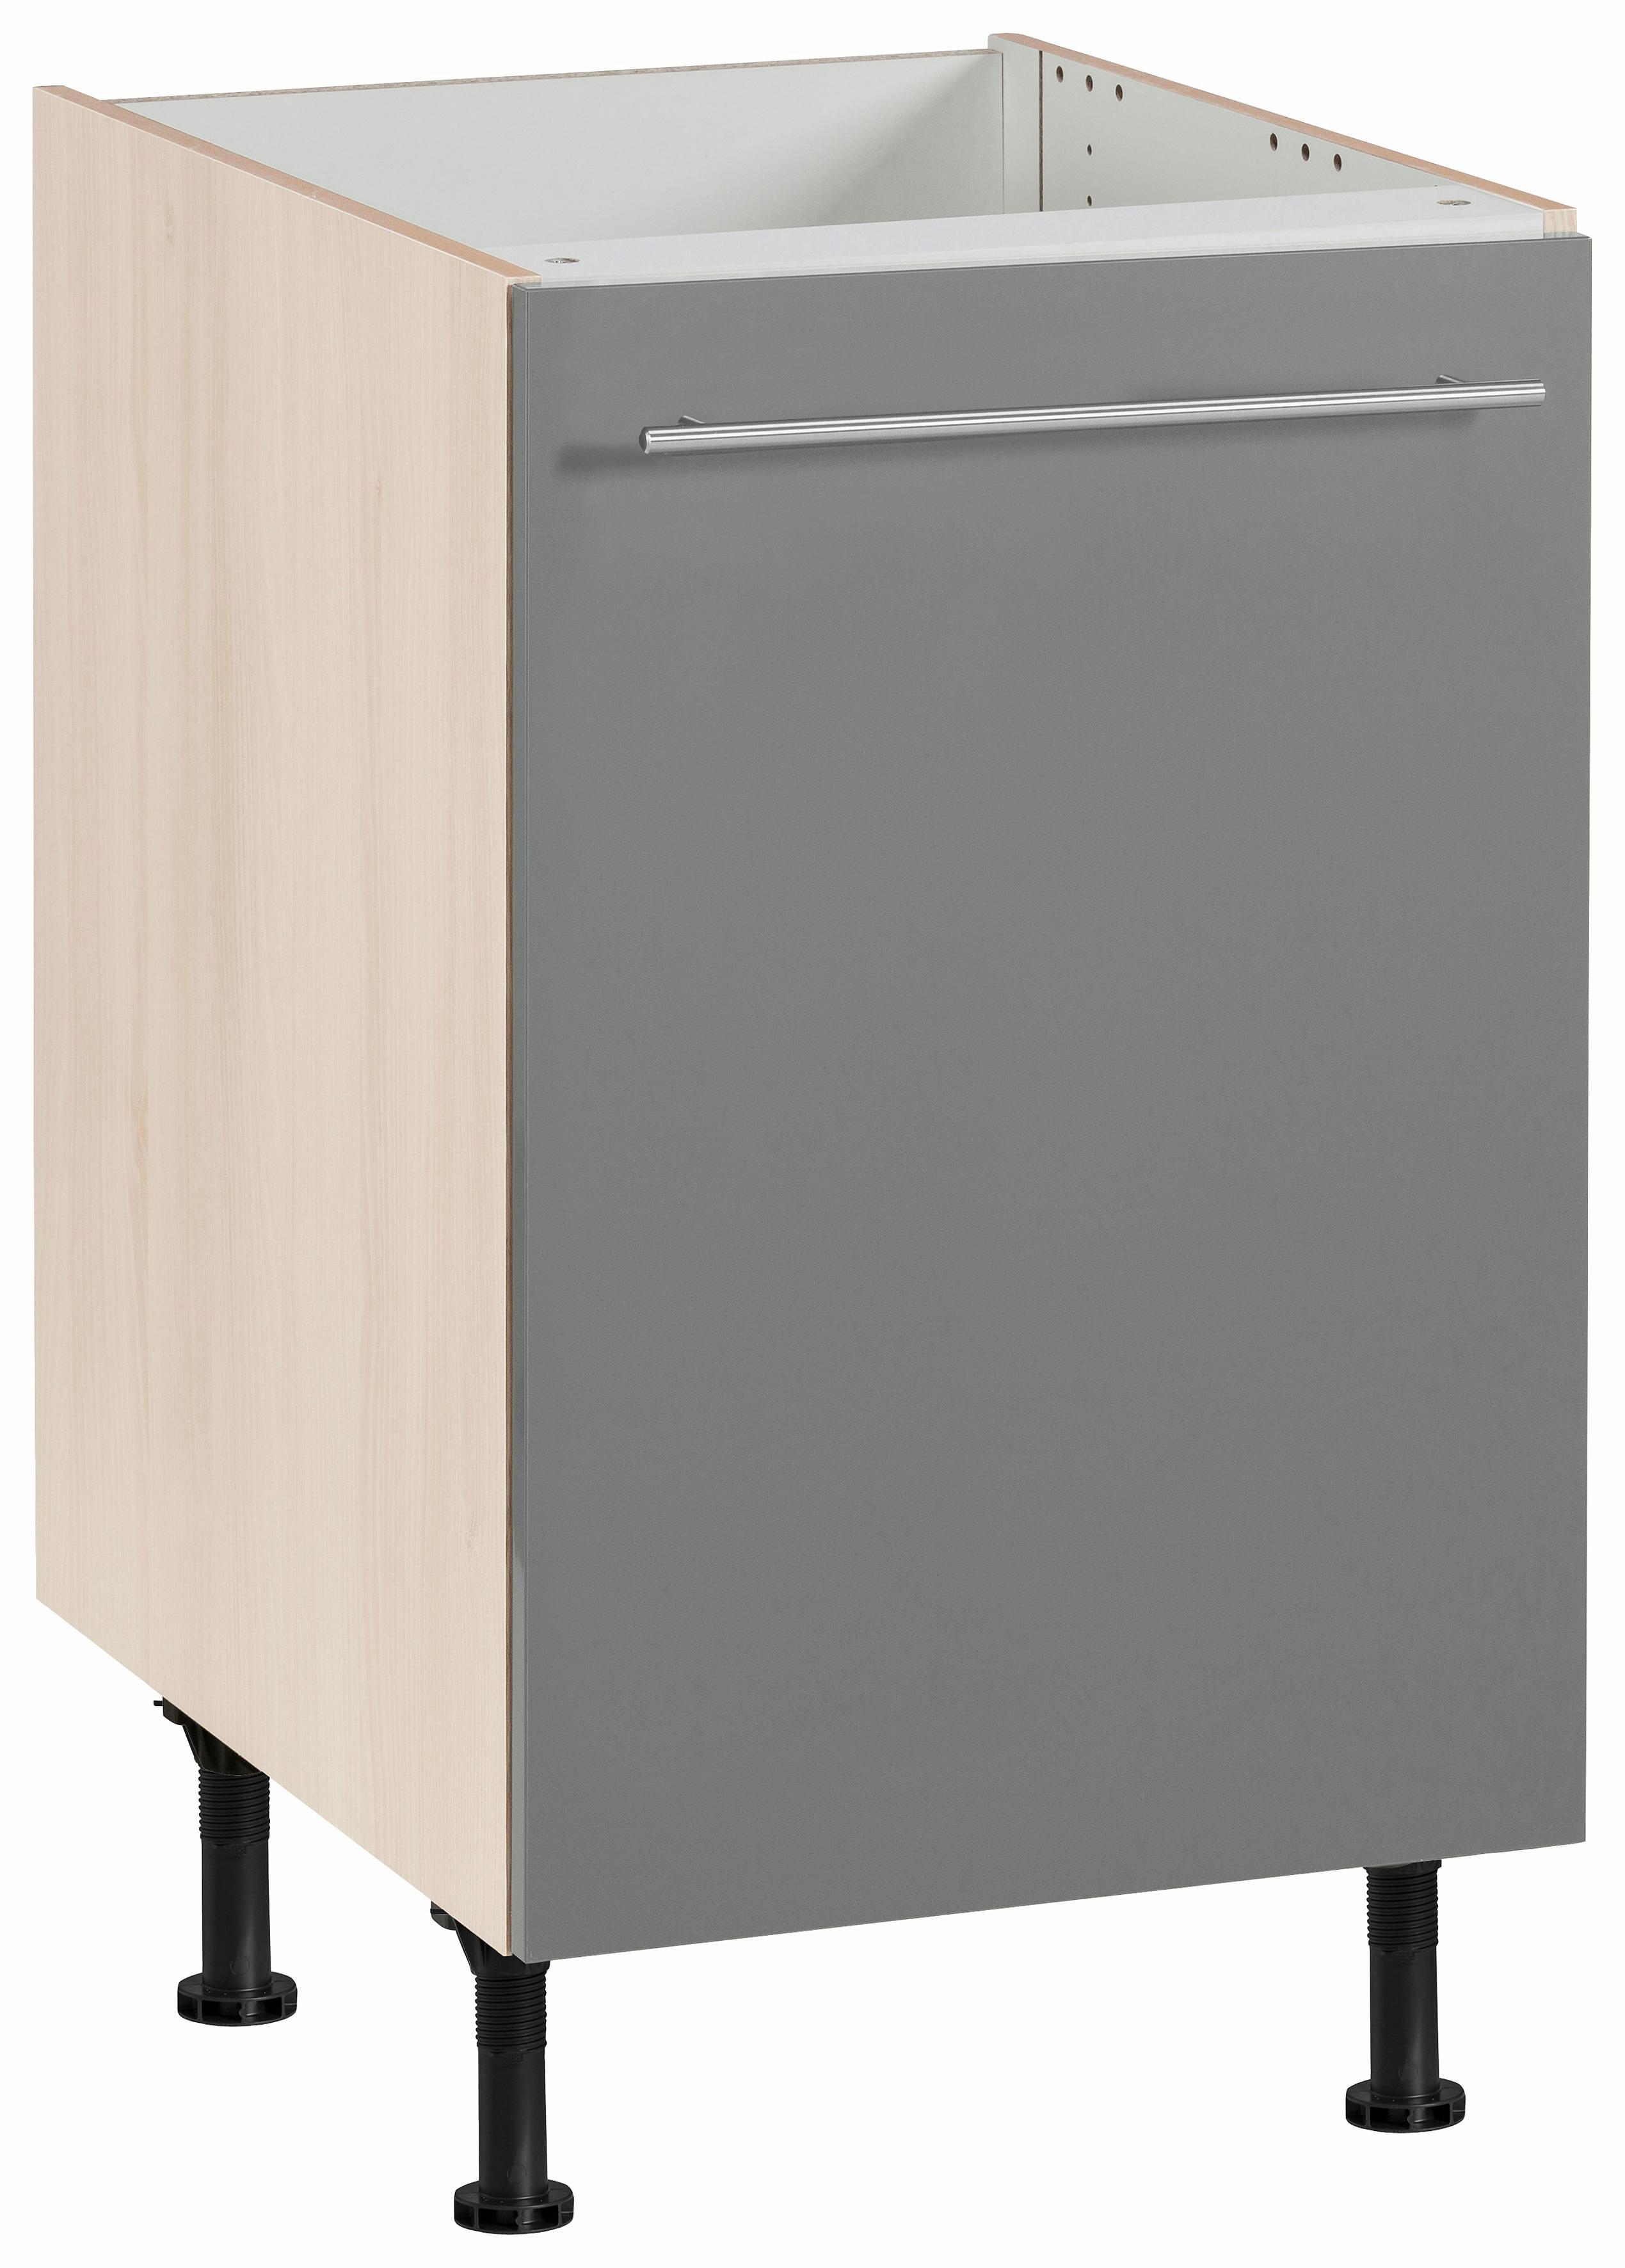 OPTIFIT Spülenschrank »Bern«, Breite 50 cm | Küche und Esszimmer > Küchenschränke > Spülenschränke | Lava - Weiß - Hochglanz | Lack - Hochglanz - Edelstahl - Melamin | OPTIFIT